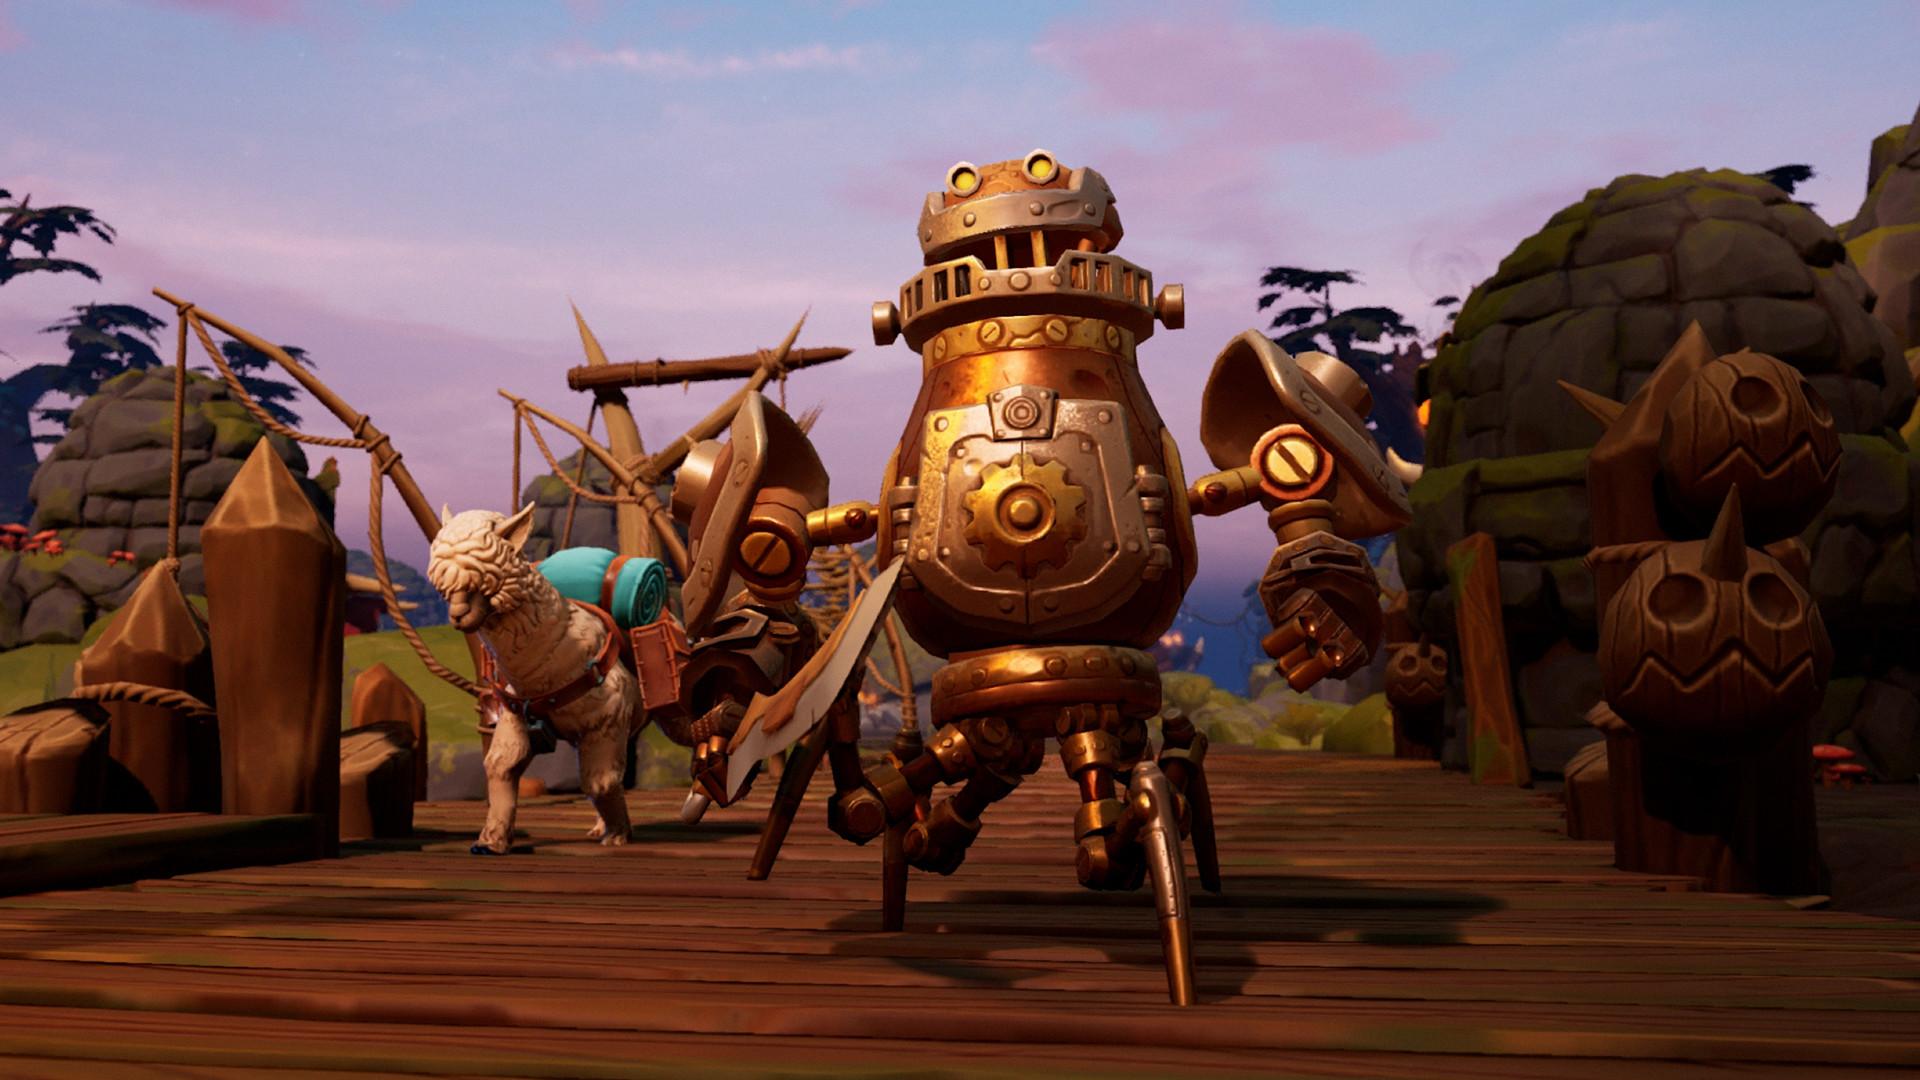 Đèn đuốc 3 tấn công Steam vào năm 2020 và bỏ mô hình chơi miễn phí trực tuyến 1